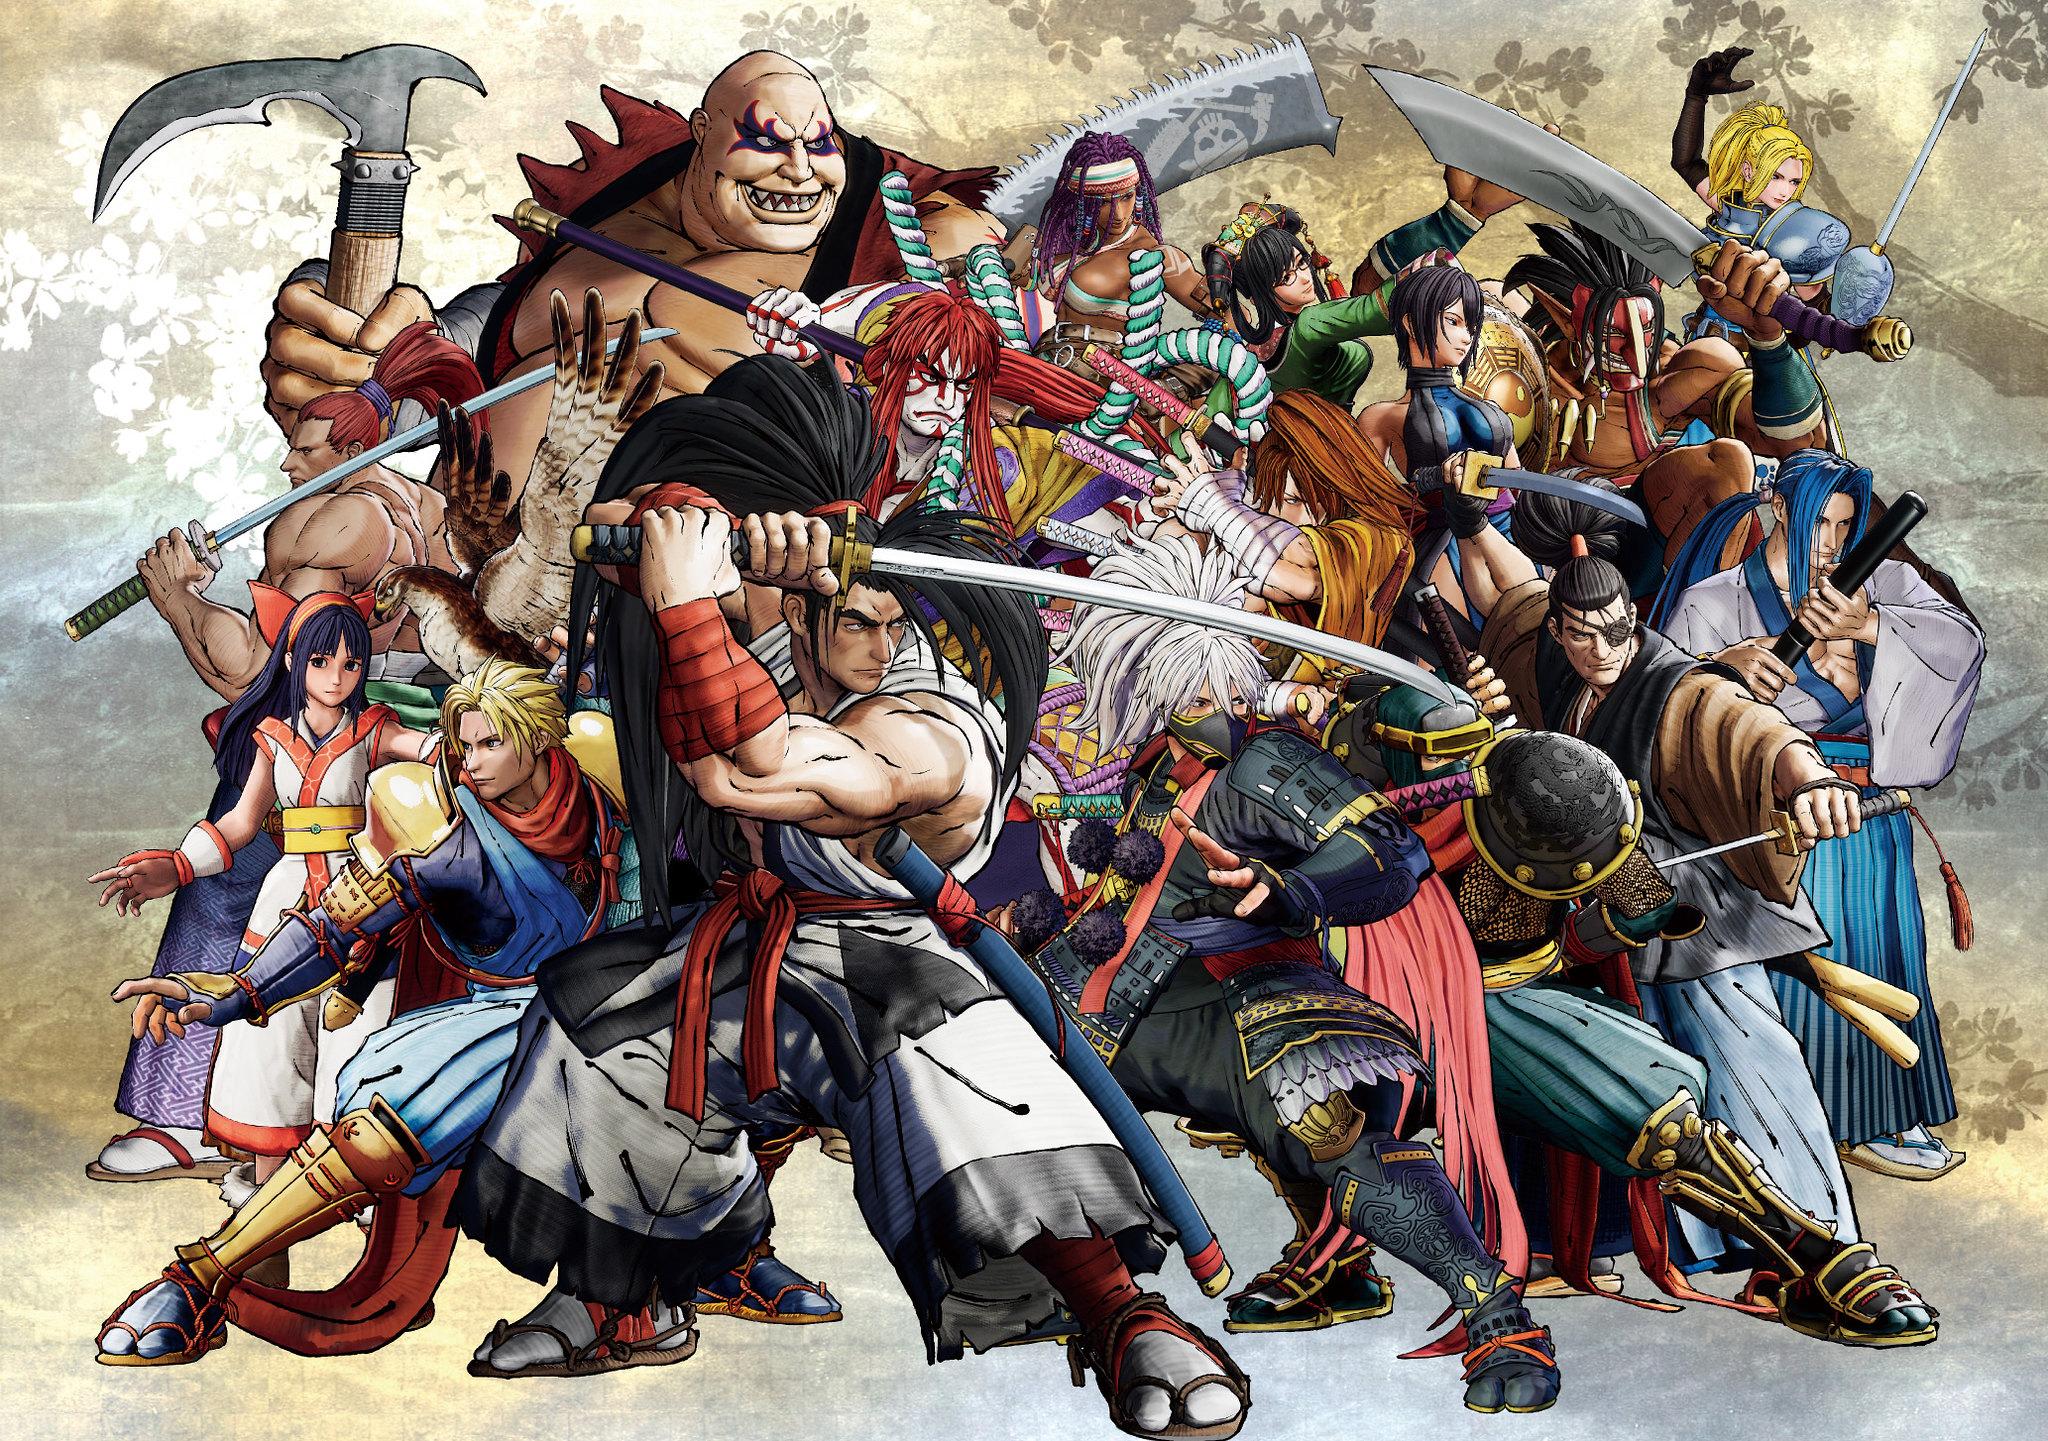 Samurai Shodown S Season 1 Dlc Roster Revealed As The Fighter